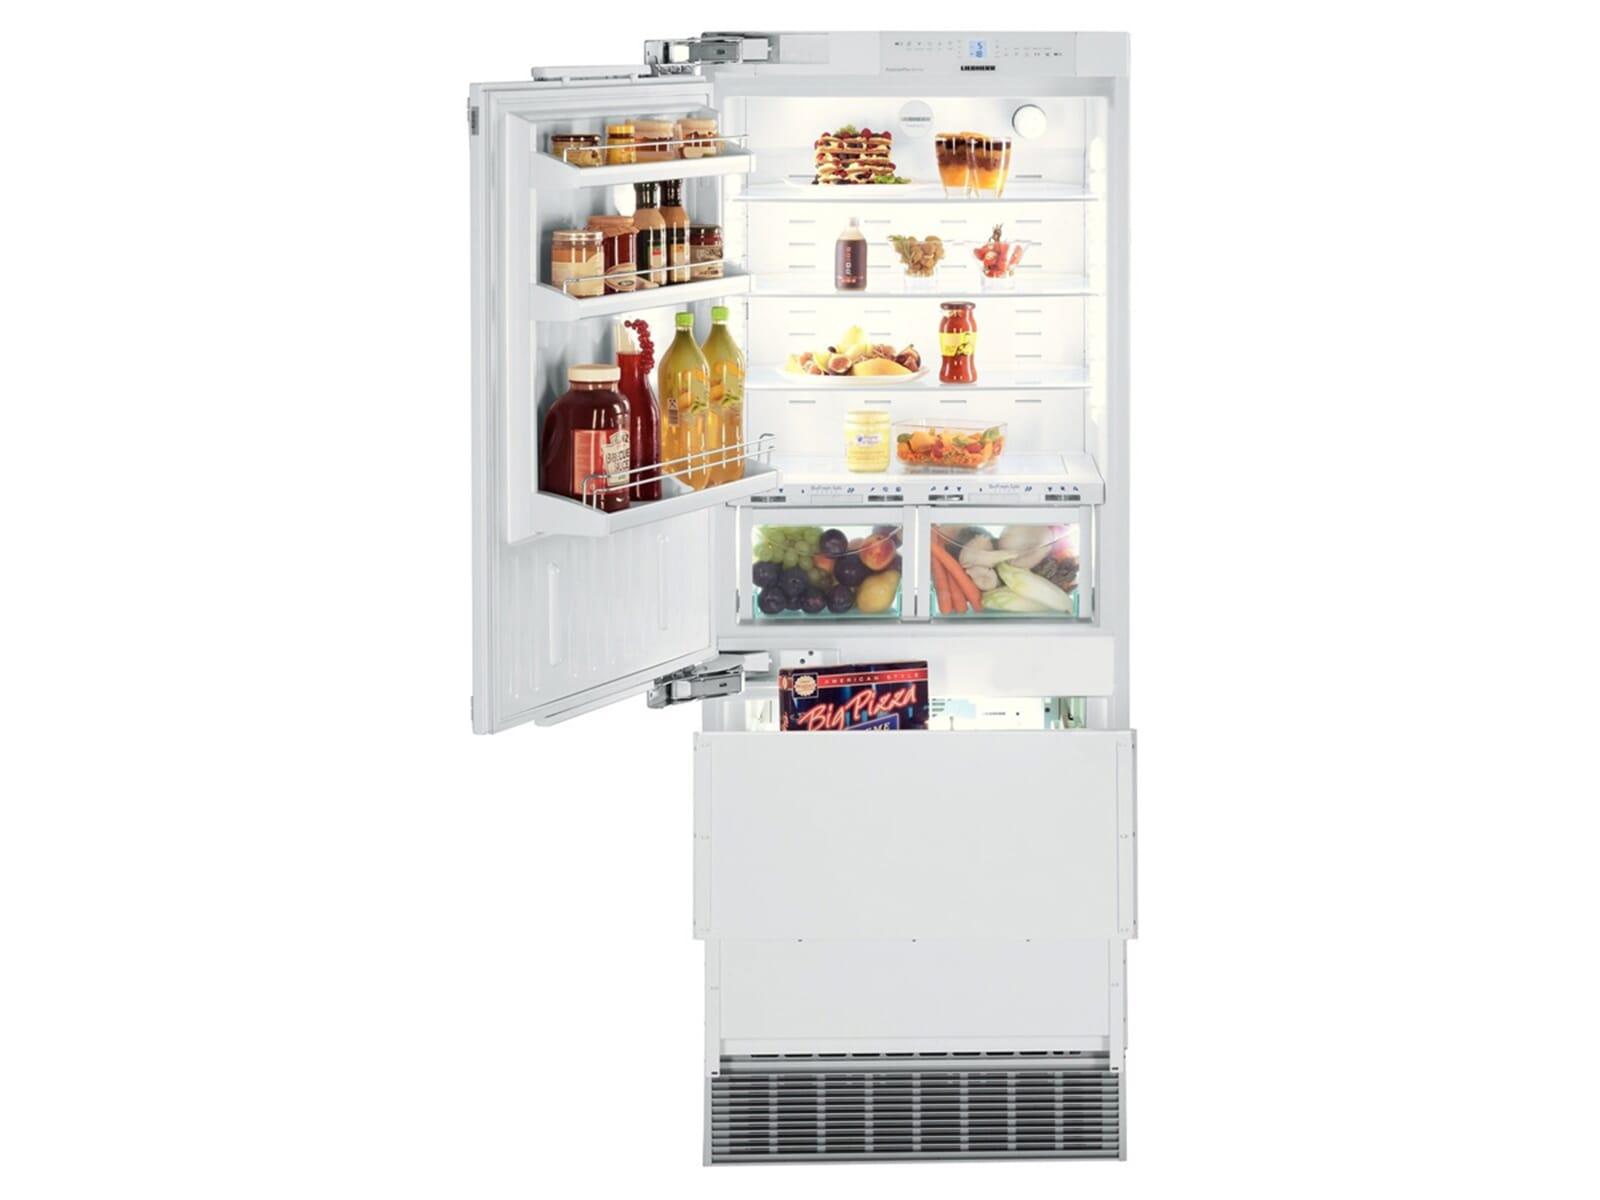 Aeg Unterbau Kühlschrank Dekorfähig : Liebherr ecbn premiumplus biofresh nofrost dekorfähige einbau